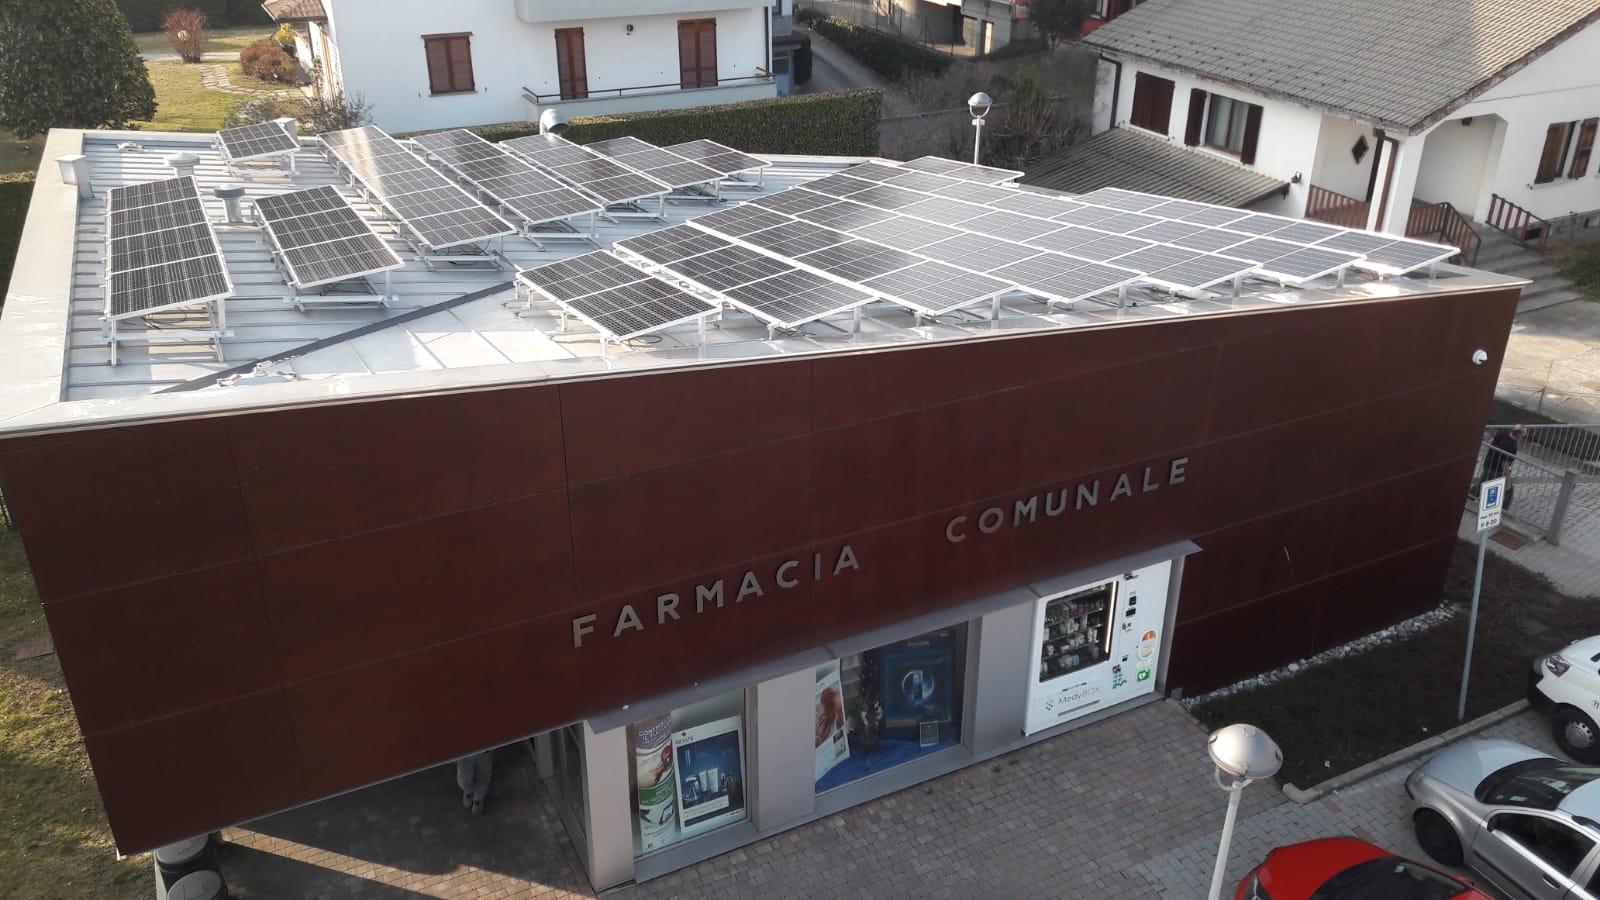 impianto-fotovoltaico-aziendale-farmacia-montano-lucino-2019-2020